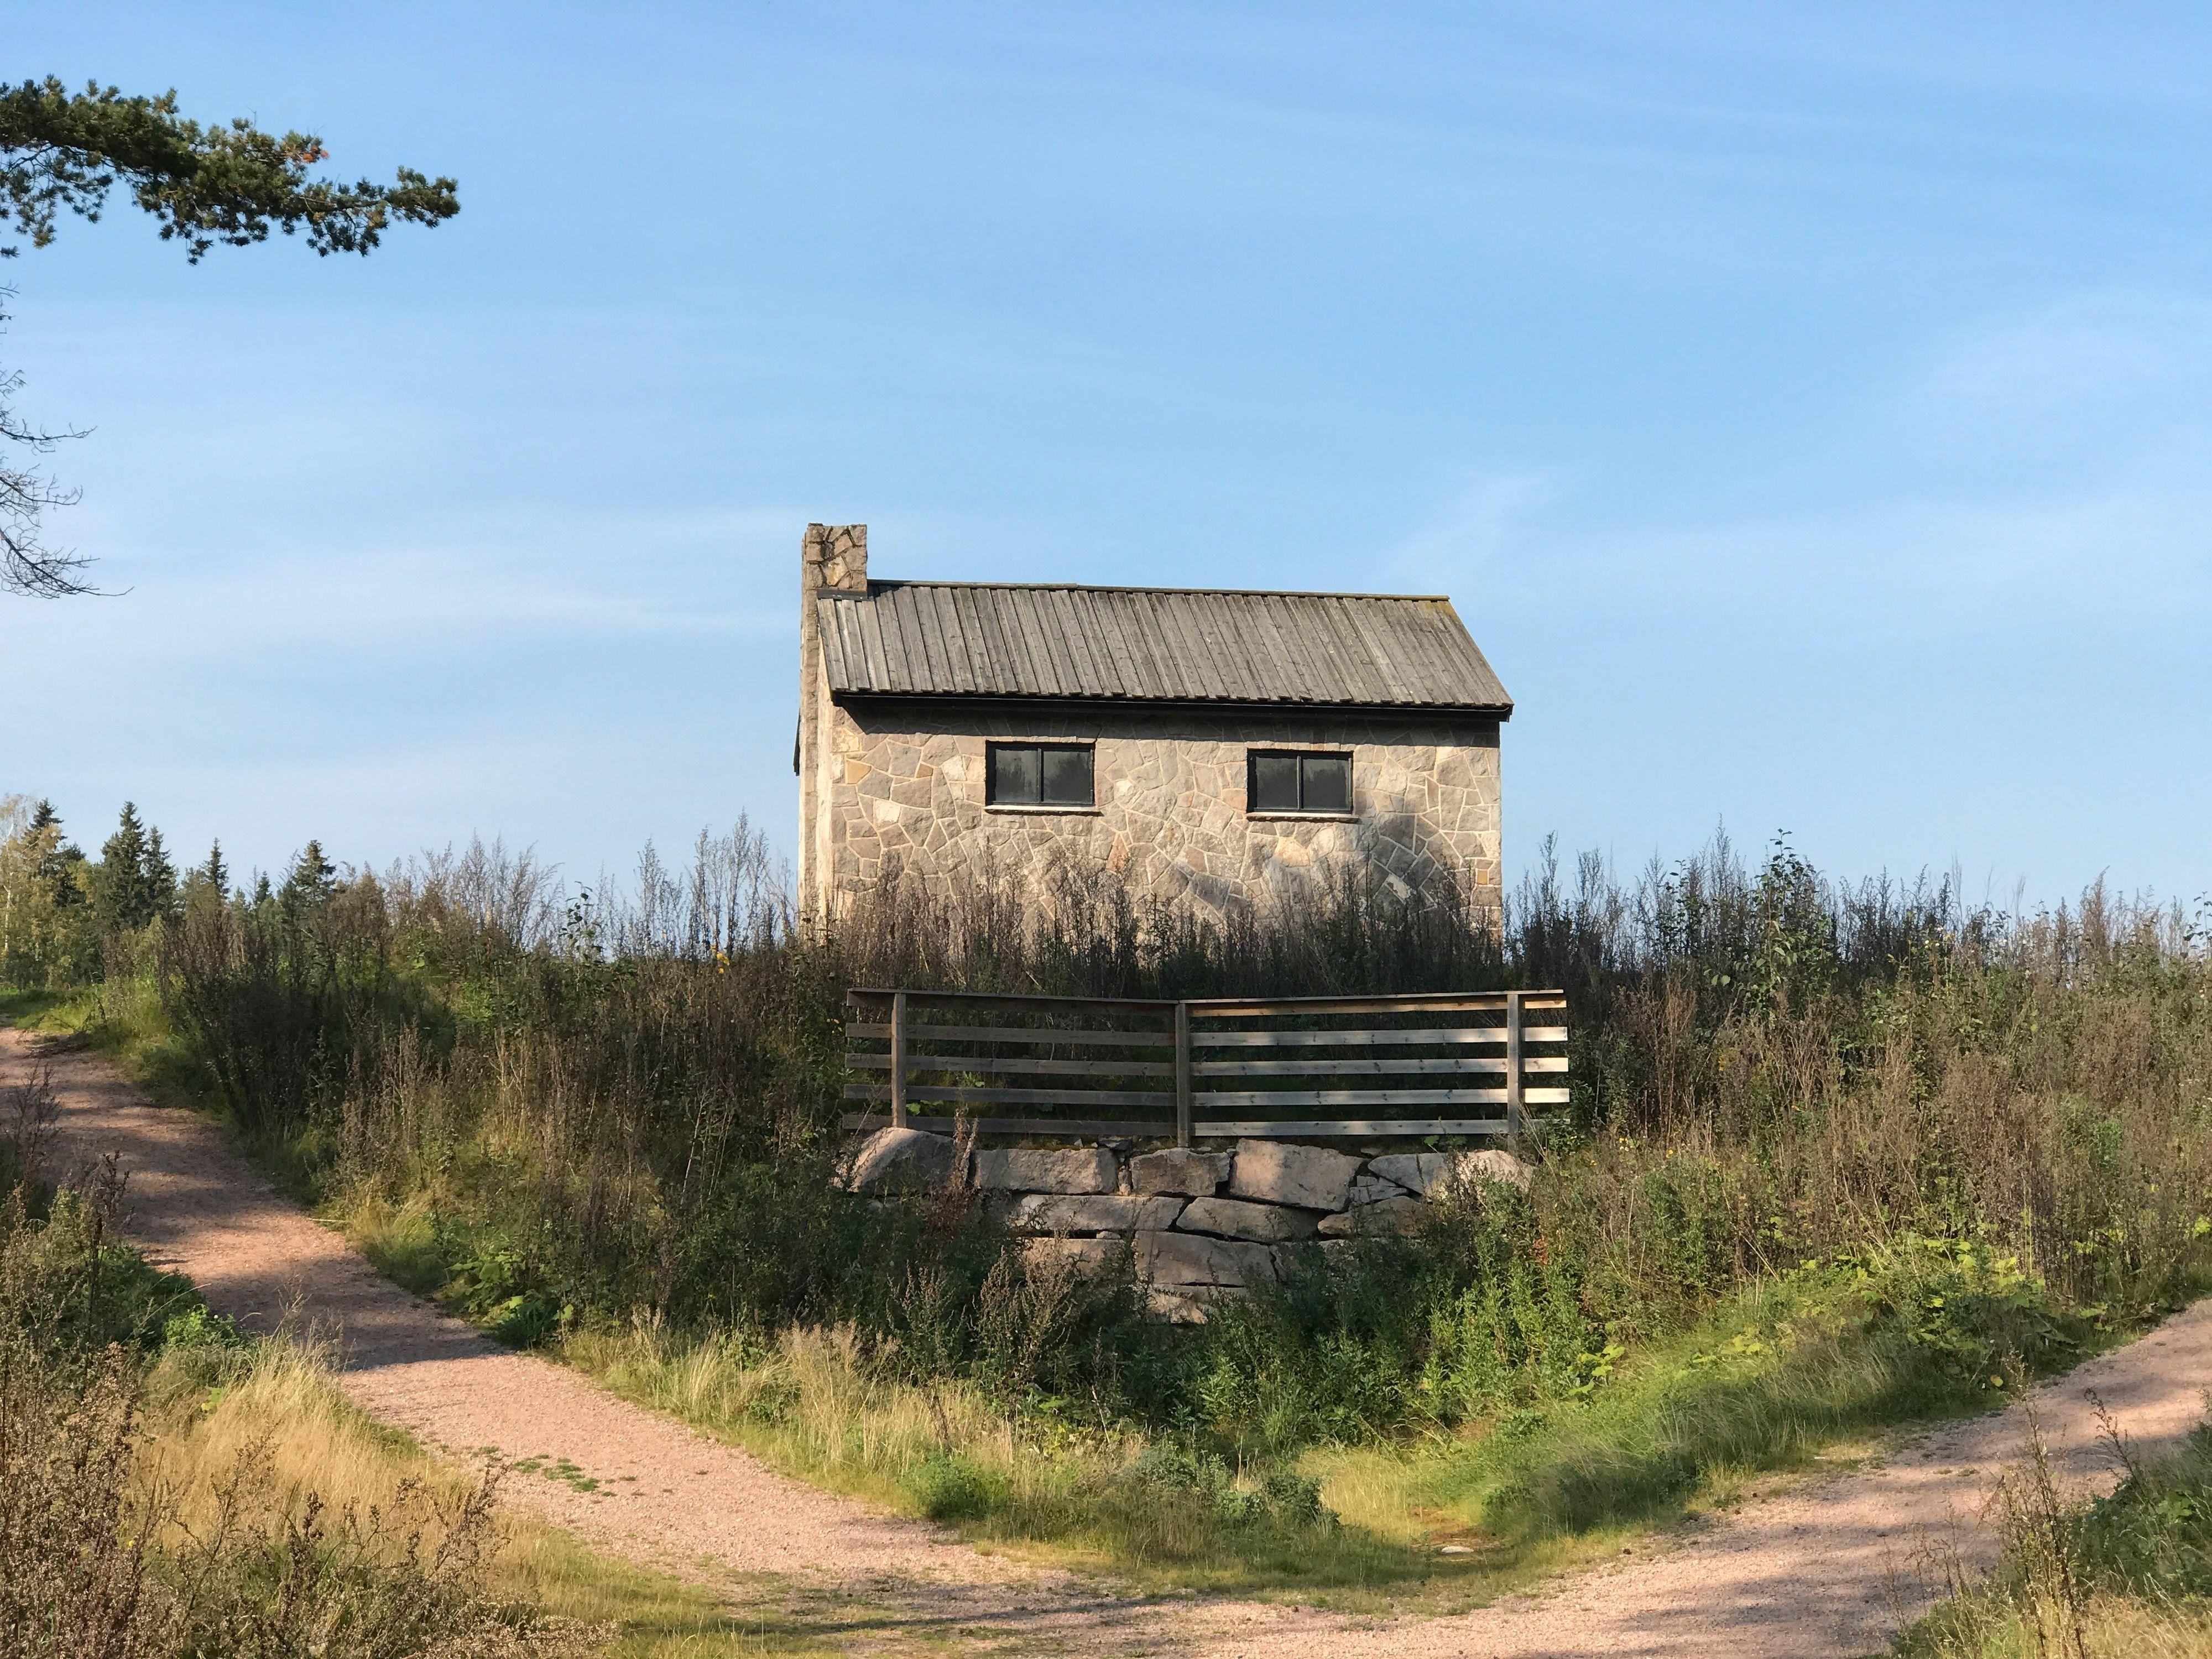 Det litt større, eller i hvert fall nærmere, huset på prærien. 2x zoom. Bilde: Finn Jarle Kvalheim, Tek.no